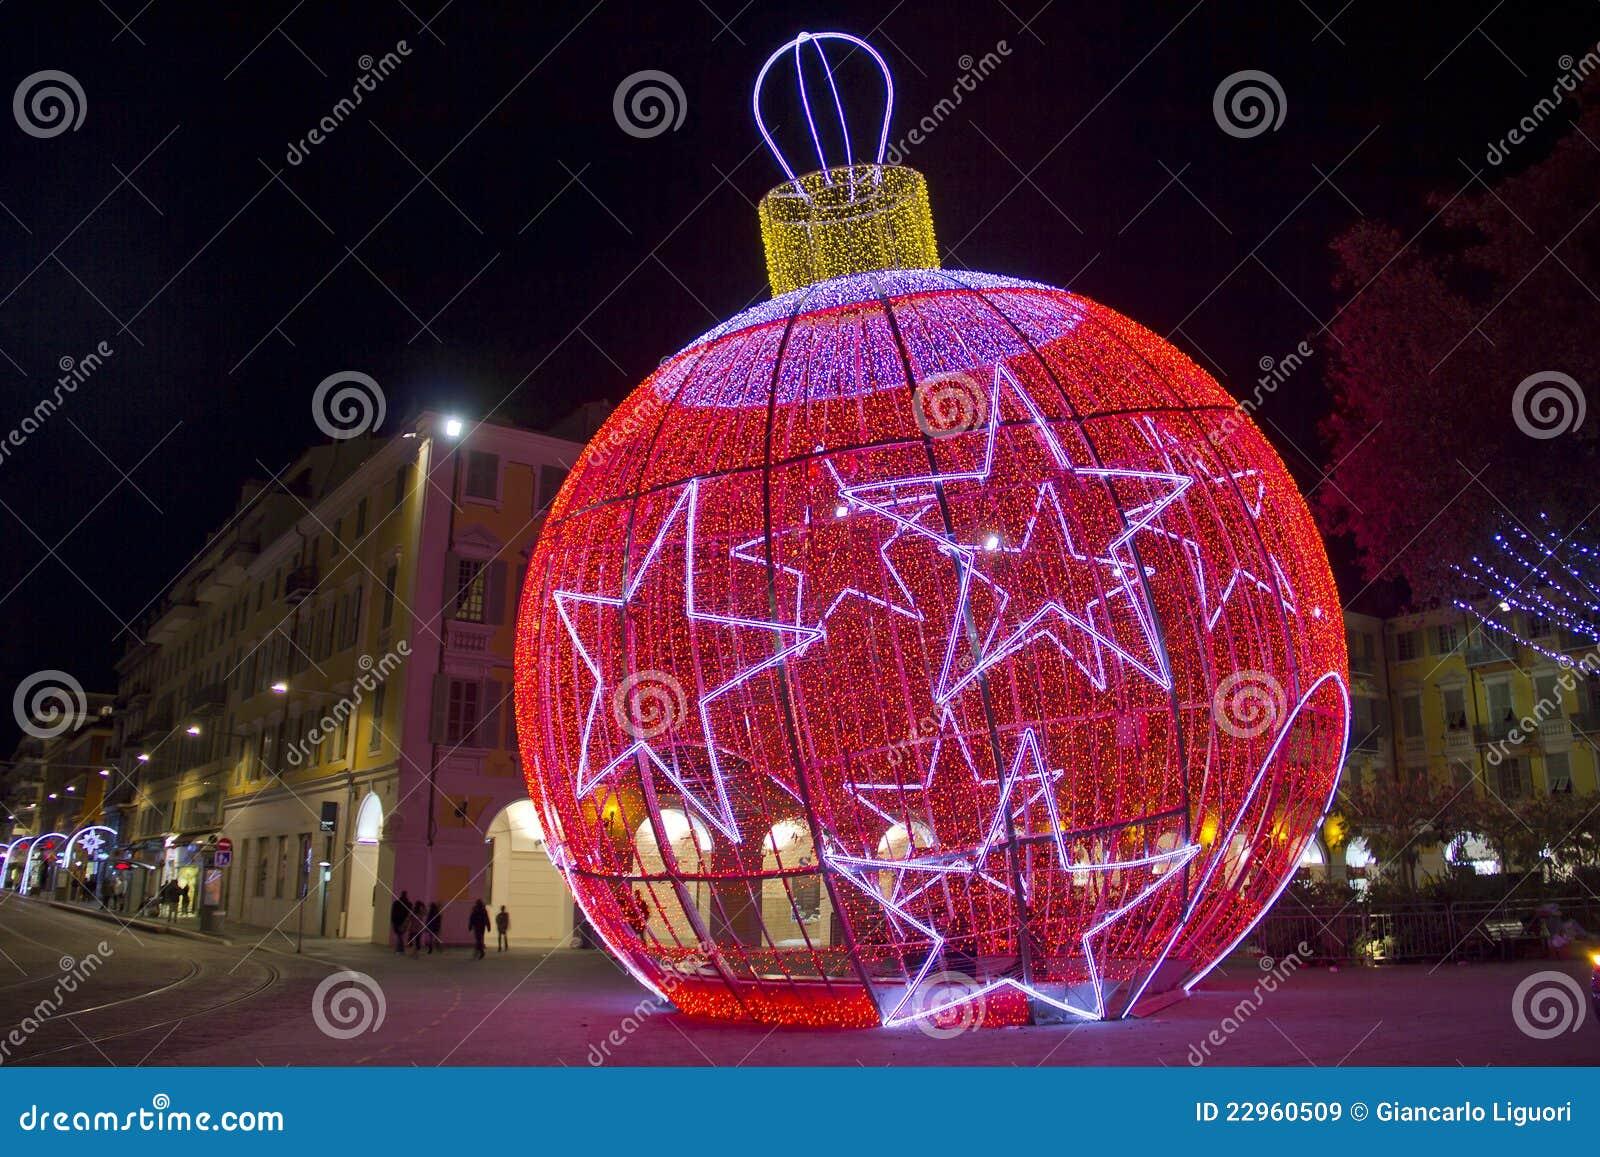 Bola en niza francia de la navidad - Bolas gigantes de navidad ...